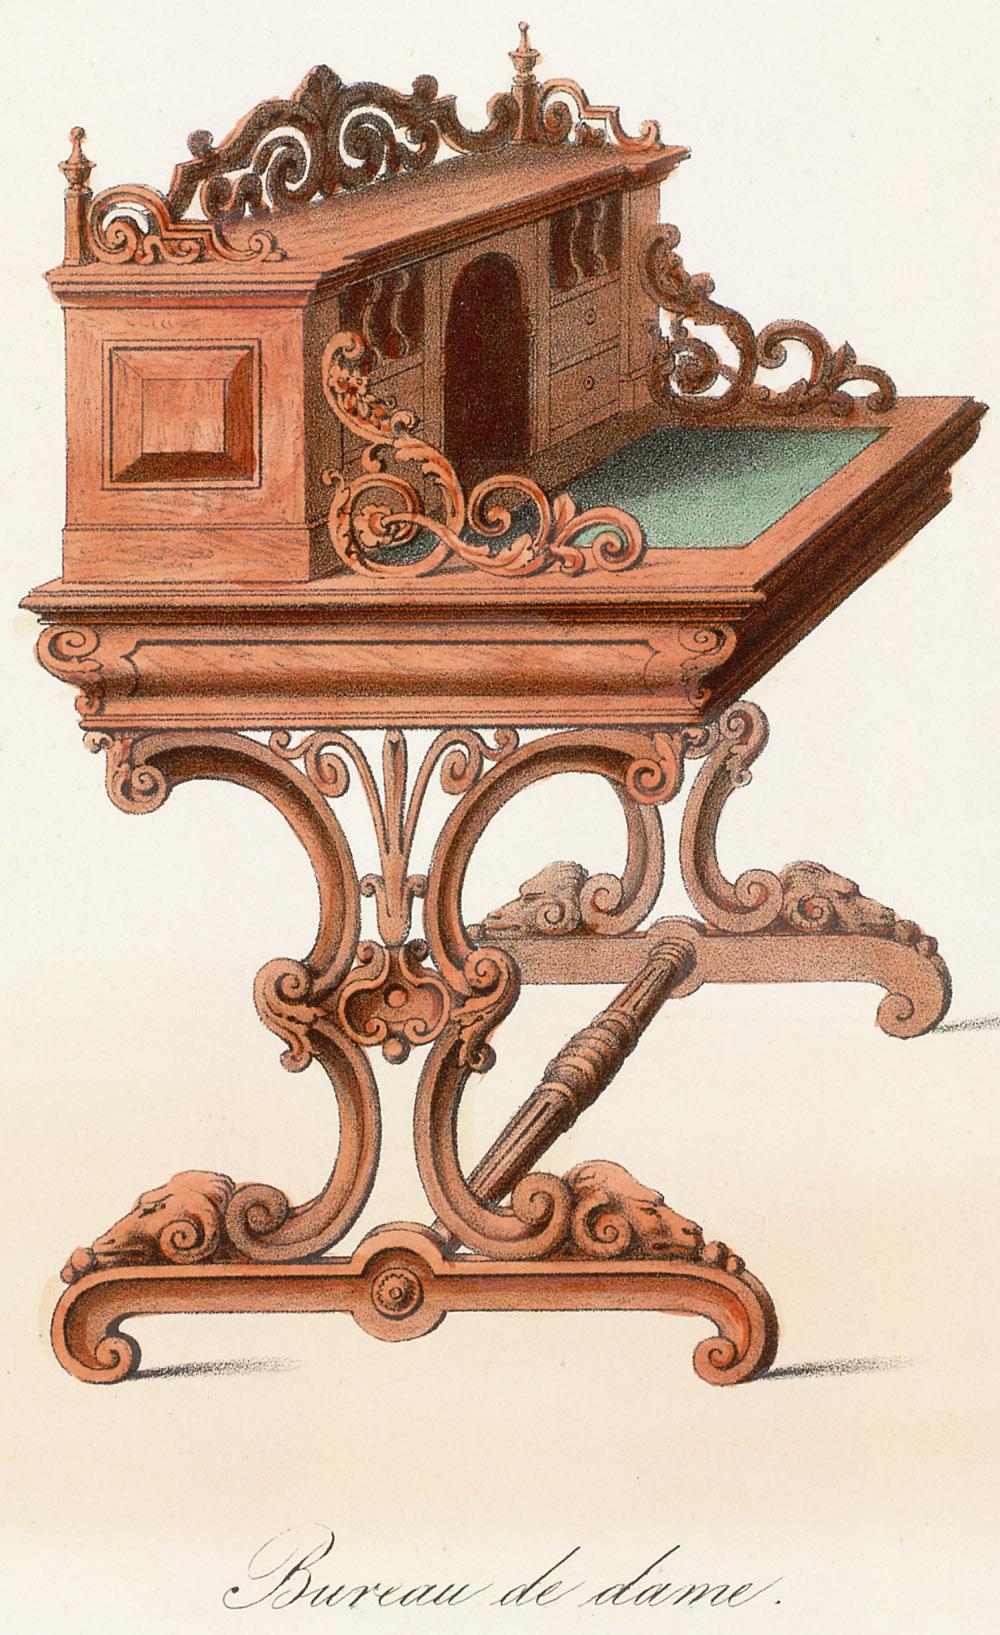 Desks,  Image number:SIL12-2-150c